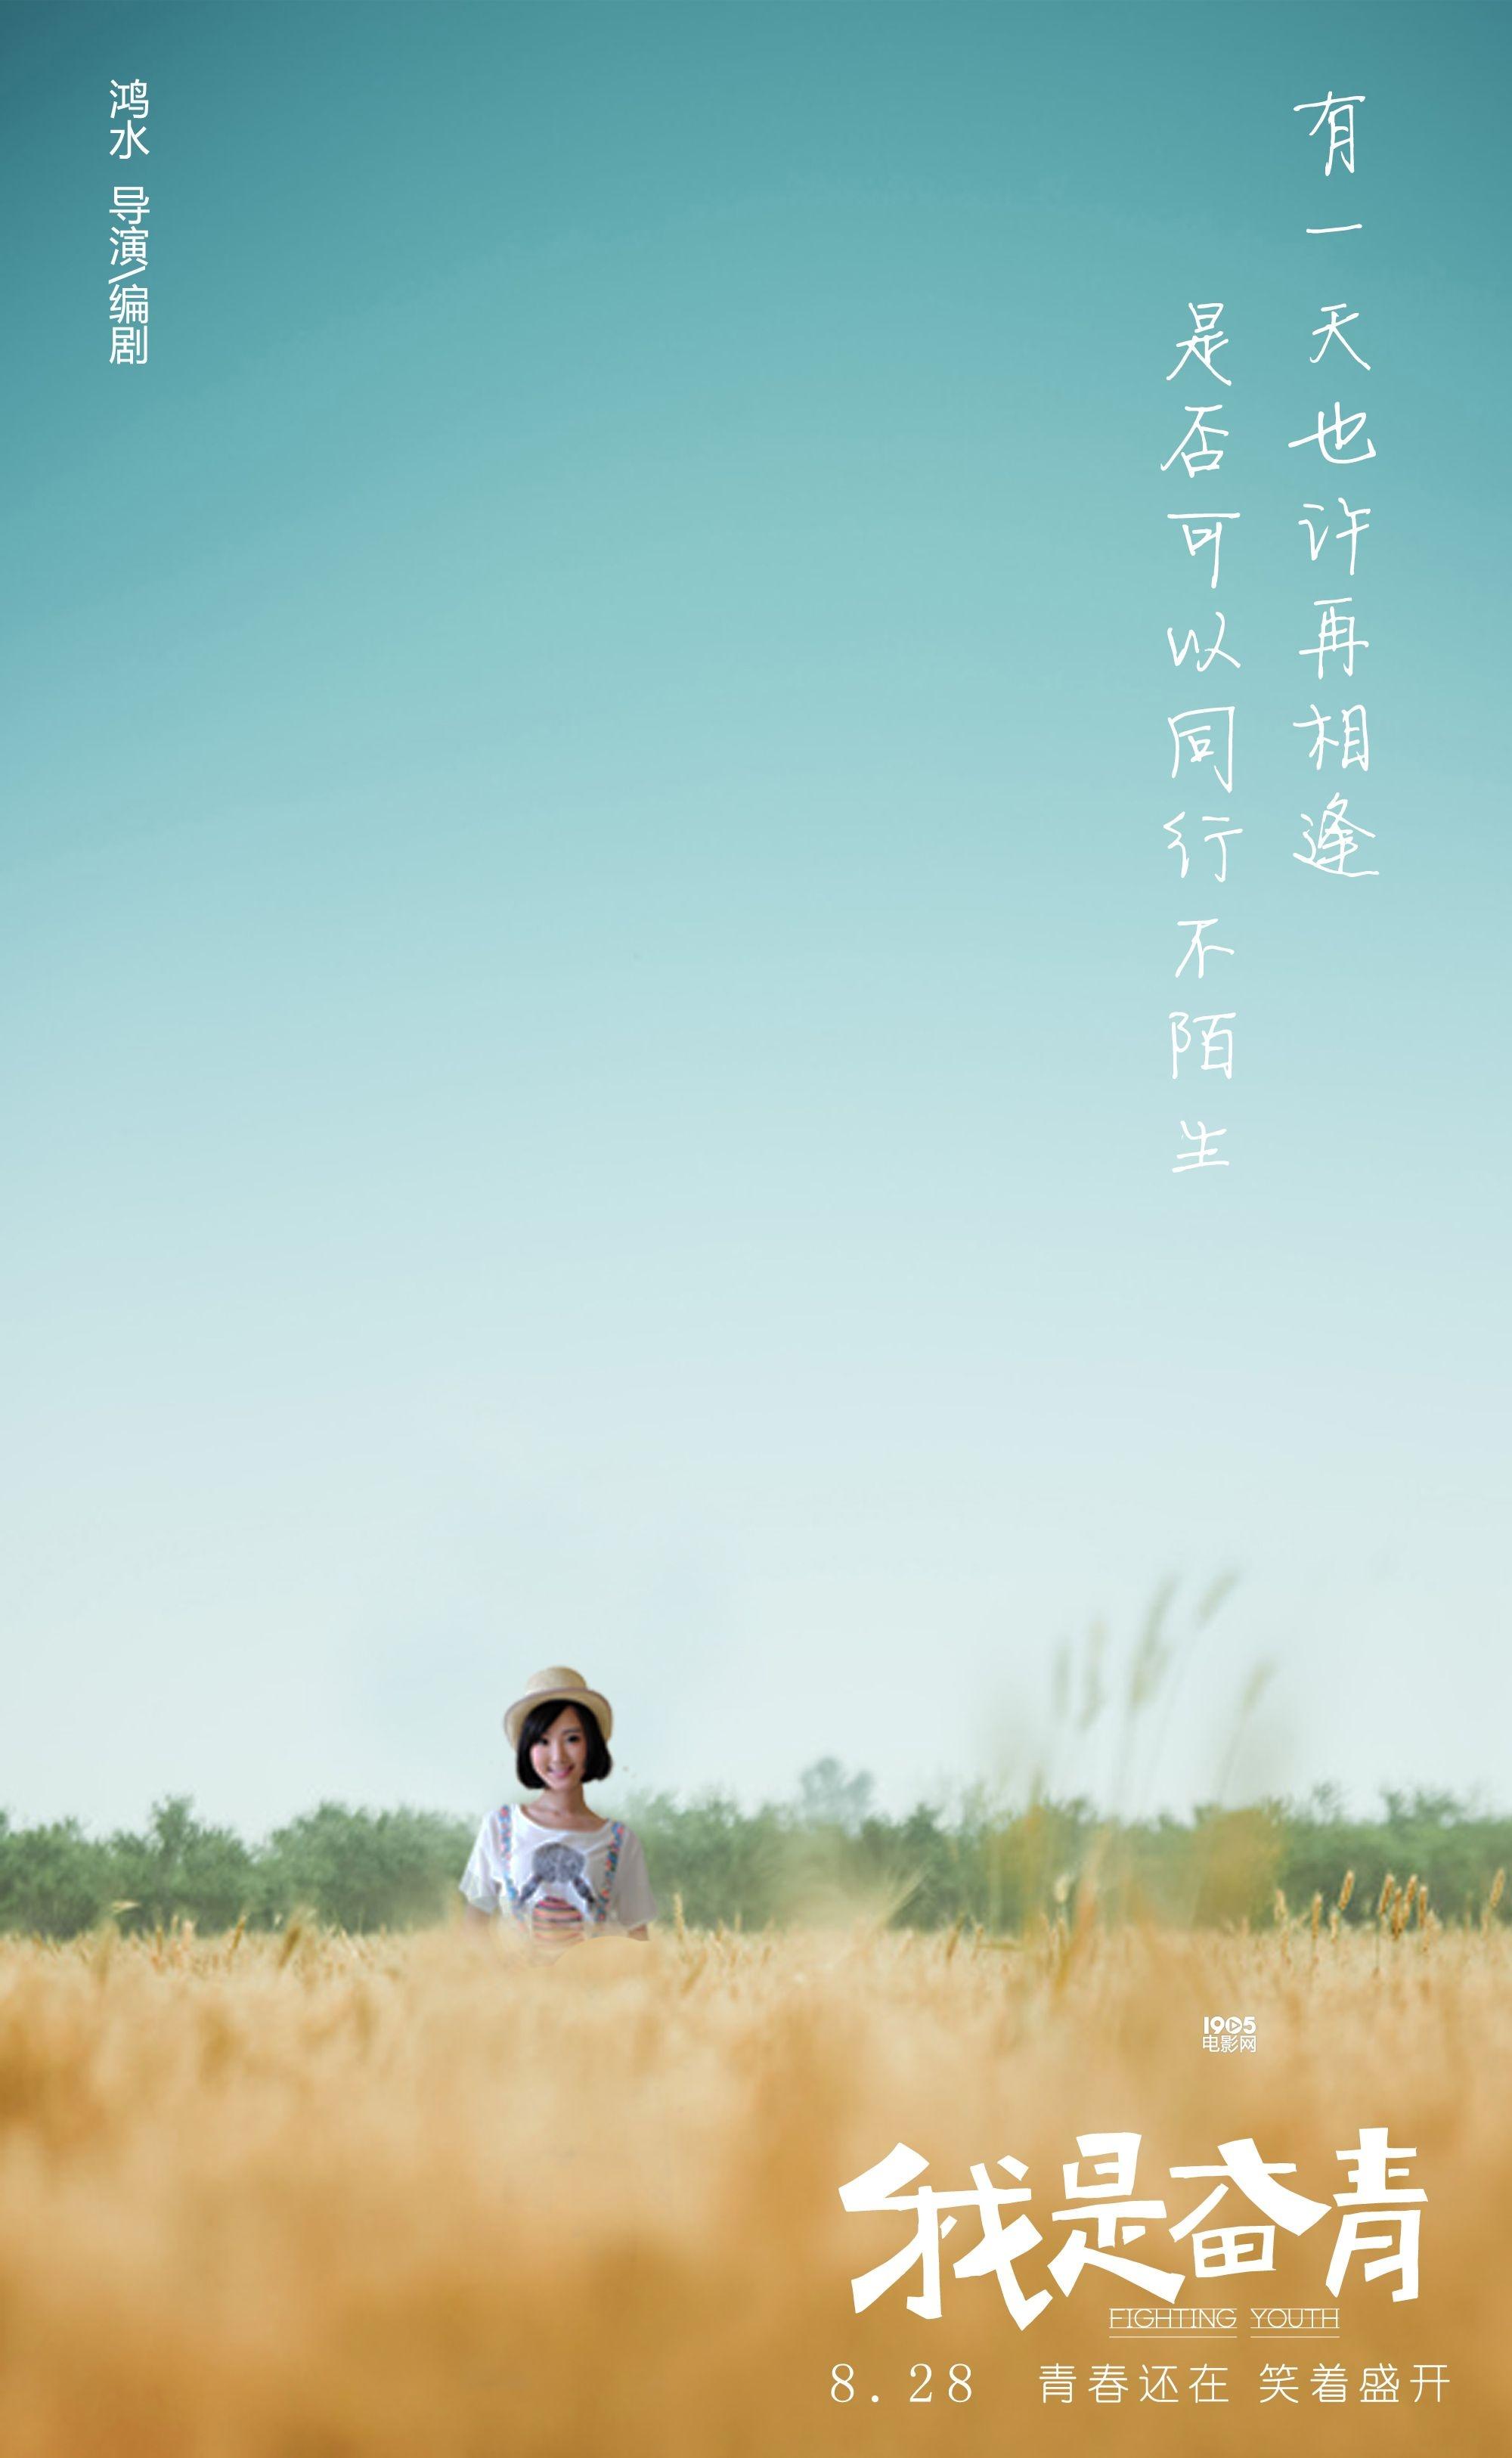 《我是奋青》MV海报齐曝光 青春痛点引人泪崩